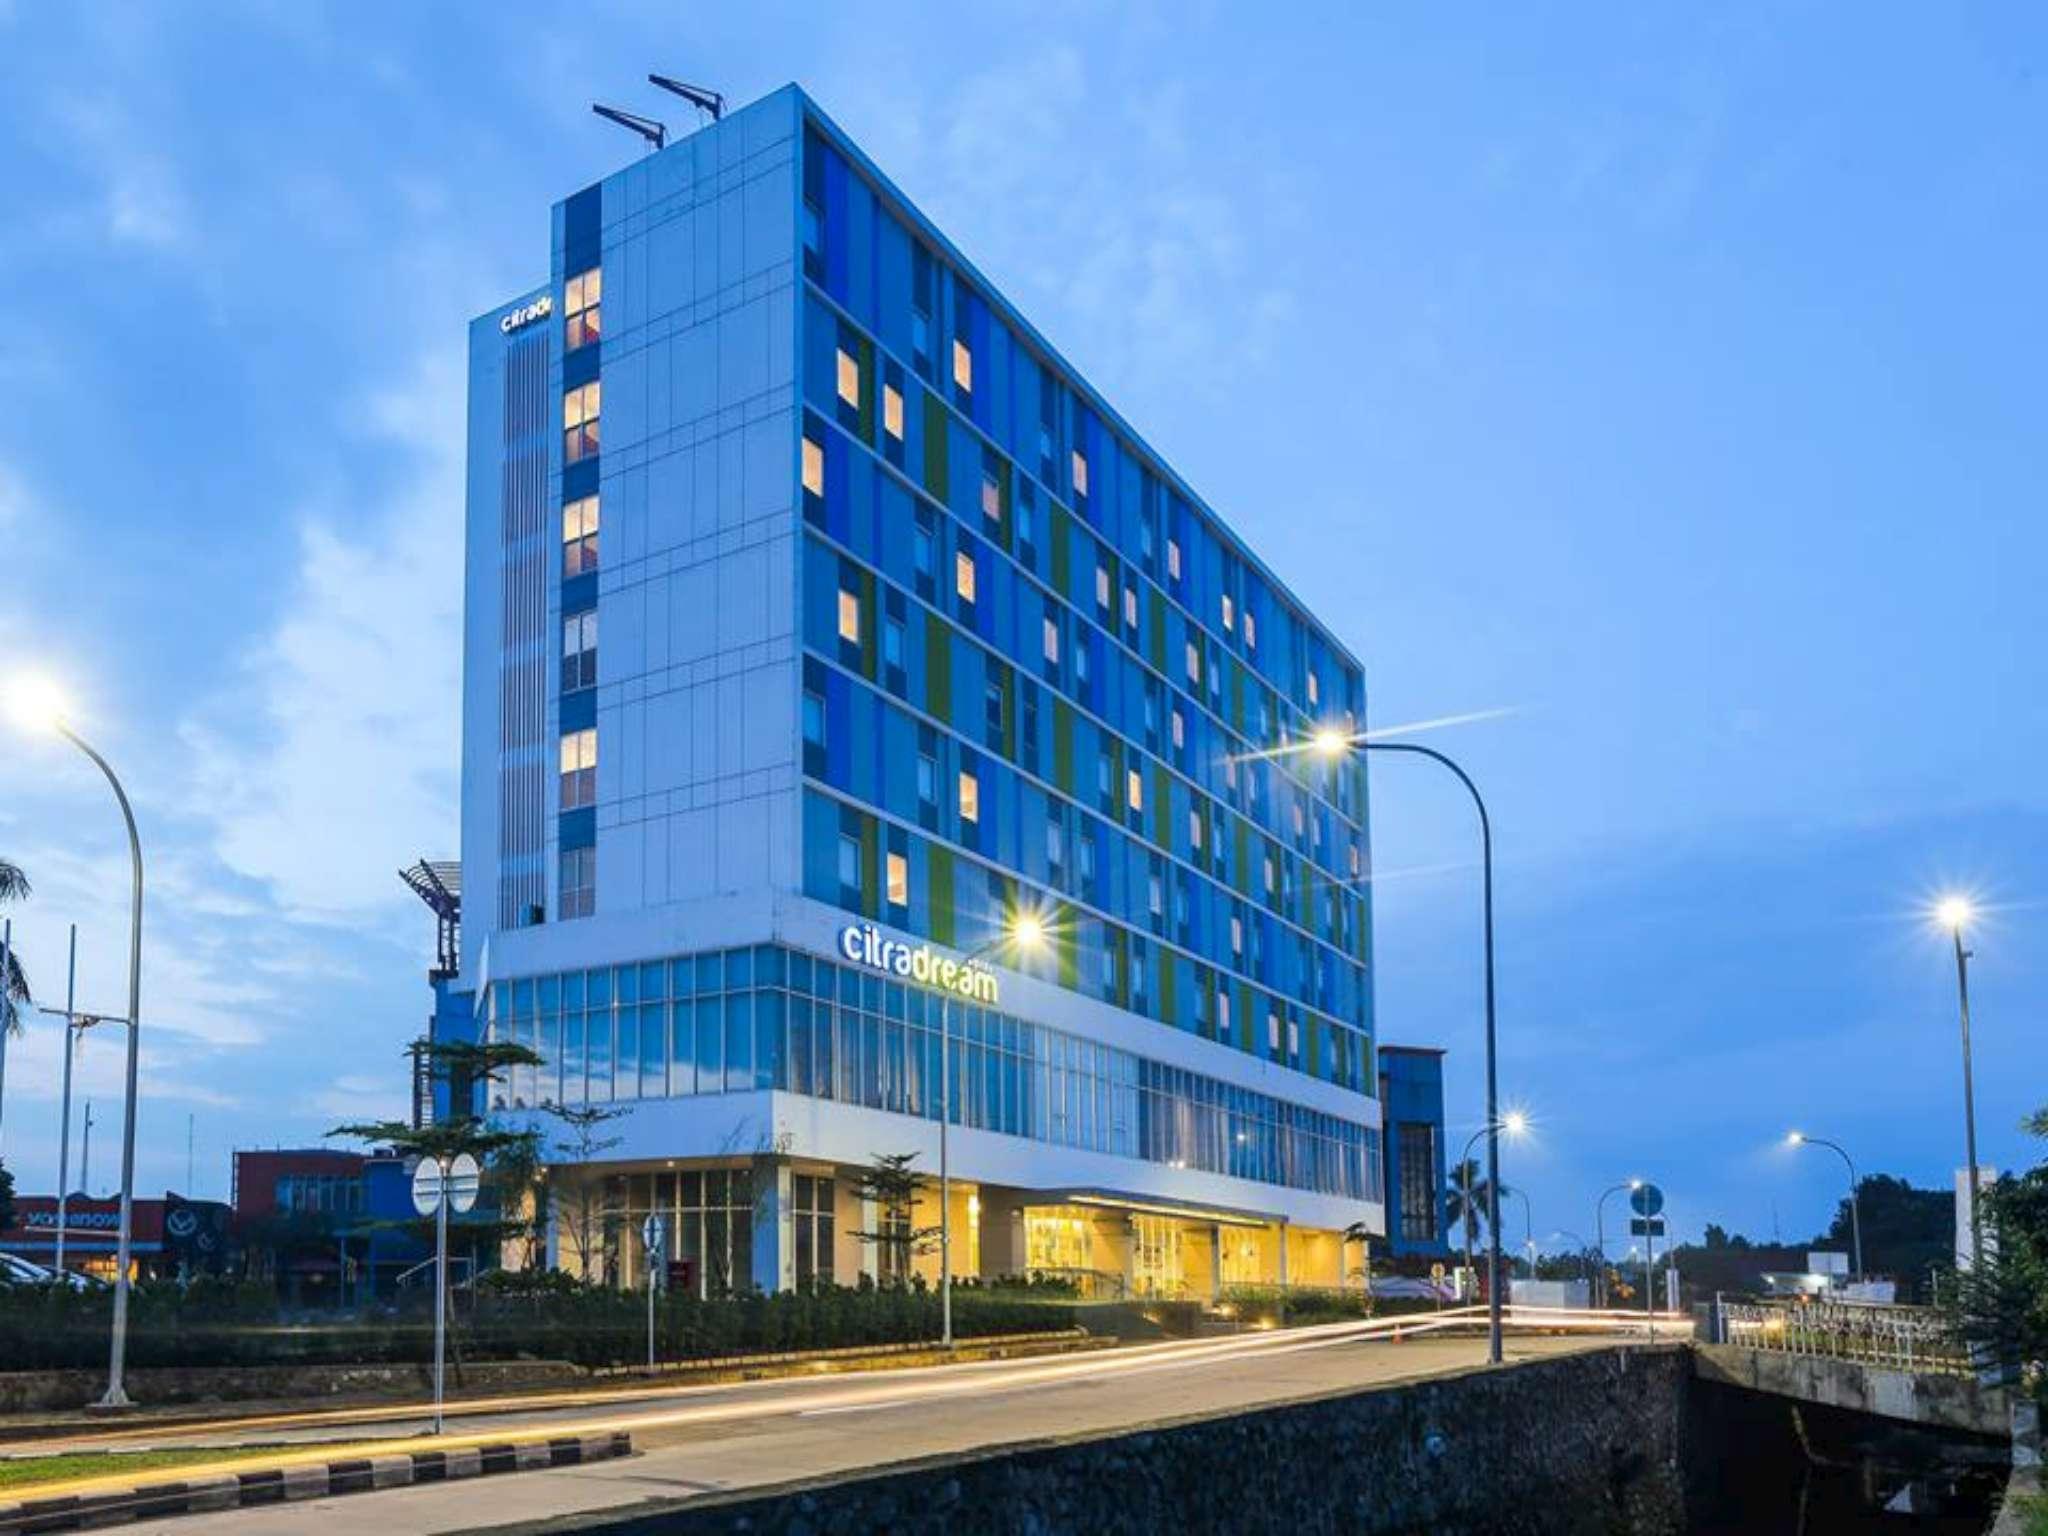 hotels near plaza bintaro jaya tangerang best hotel rates near rh agoda com